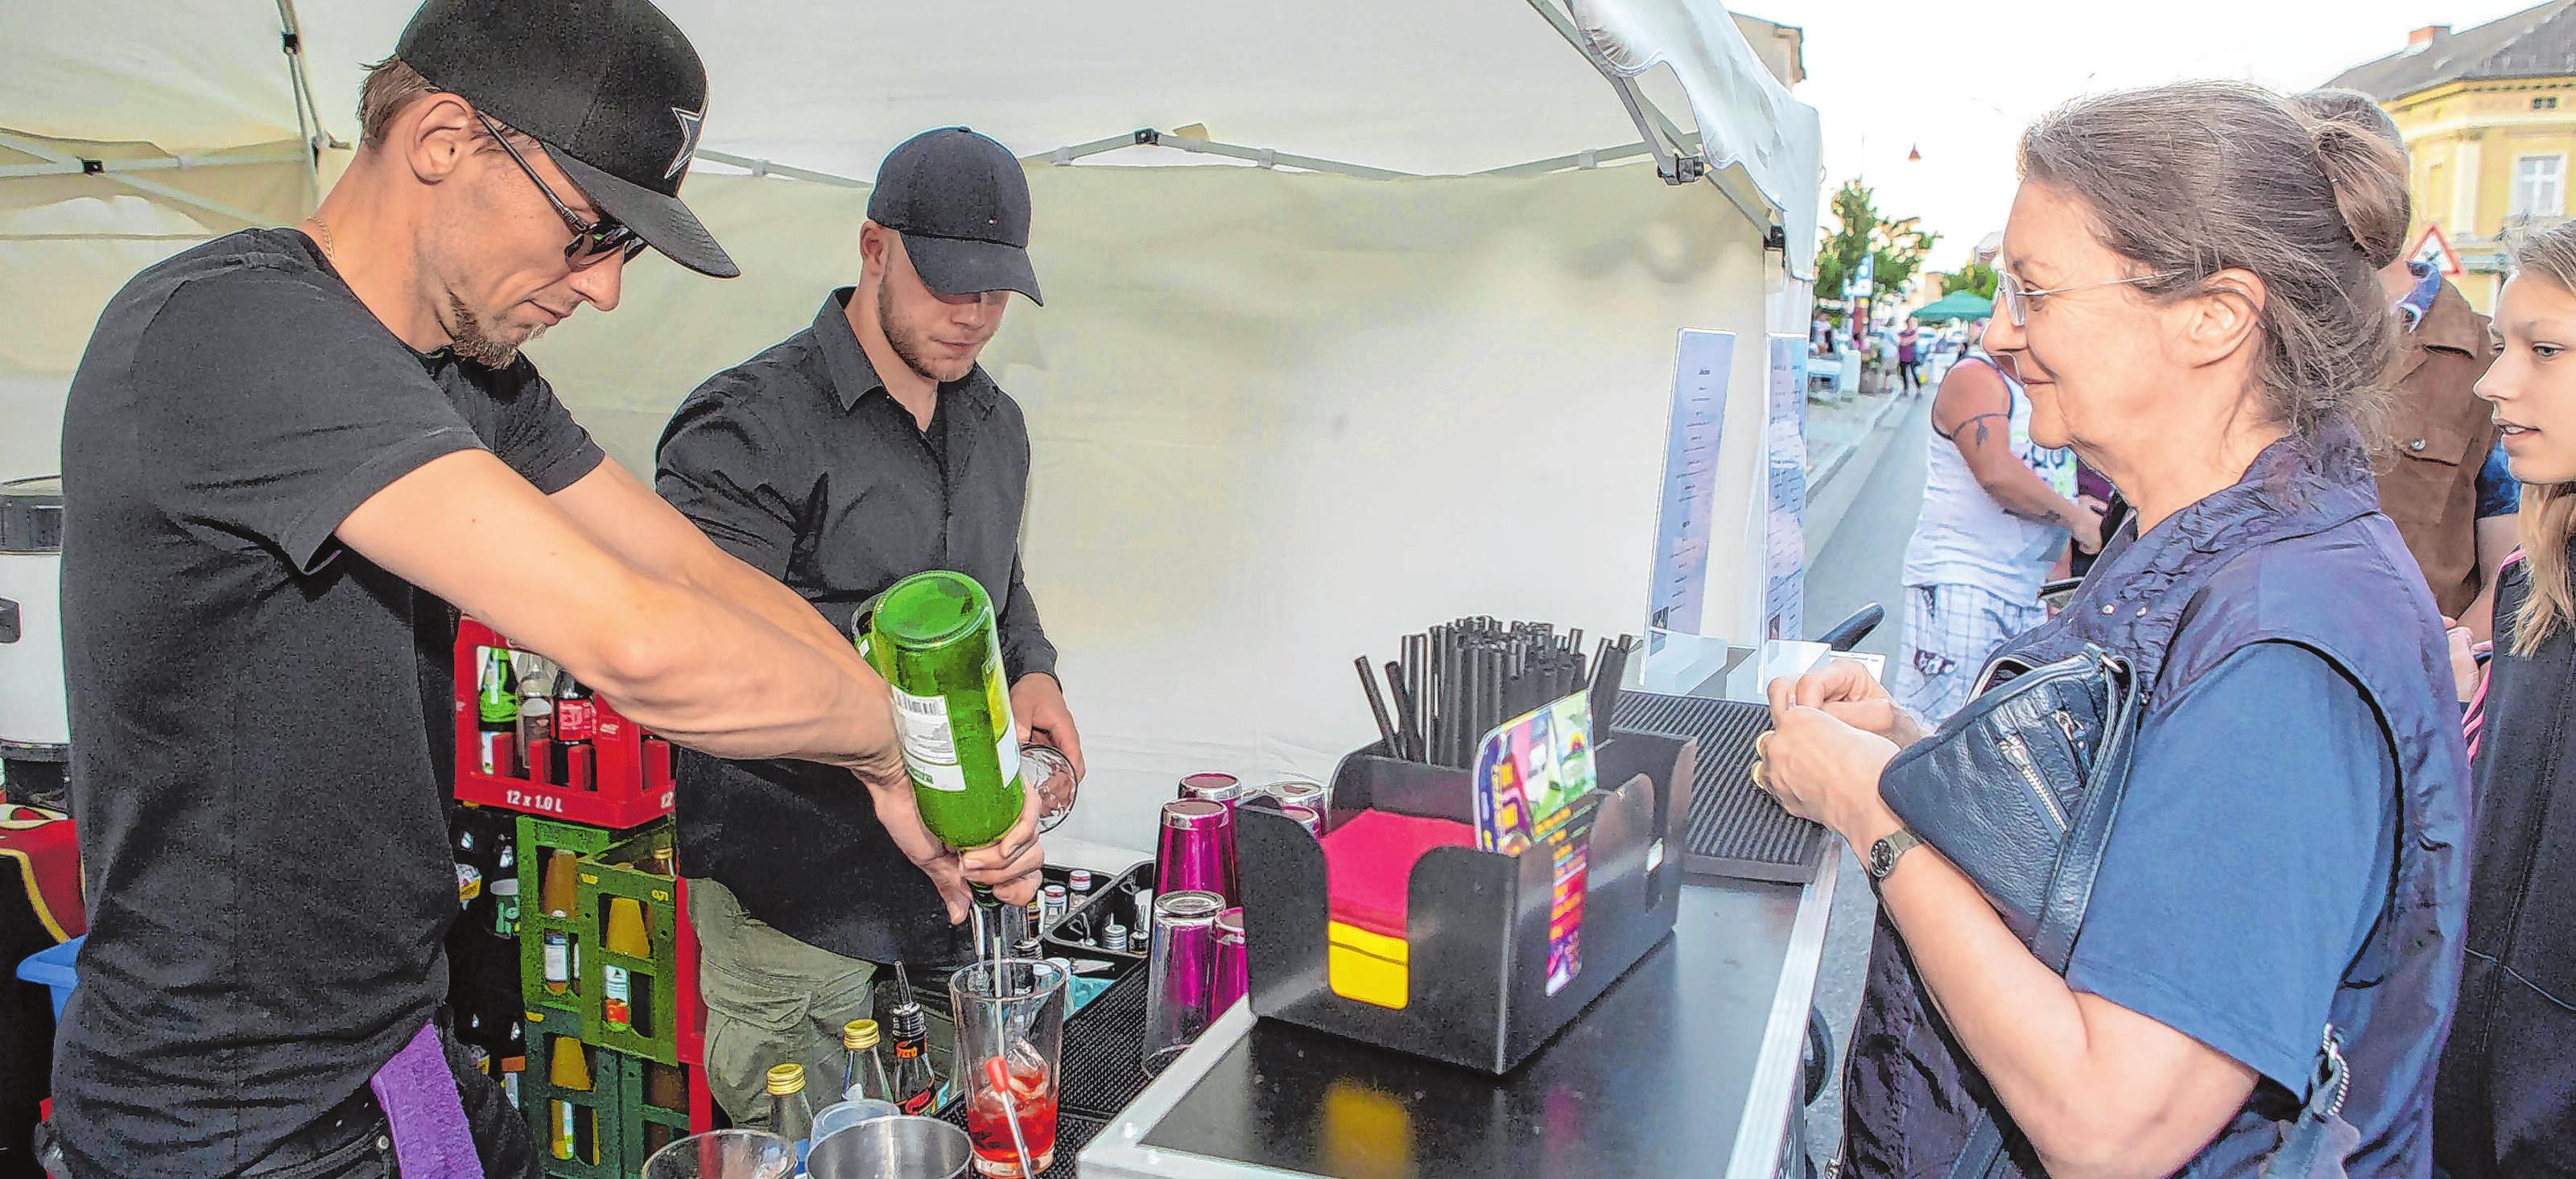 Getränke satt: Auf die Angermünder und ihre Gäste wartet zur Einkaufsnacht eine Vielzahl an Getränken und Spirituosen, unter anderem wird Bowle gereicht.